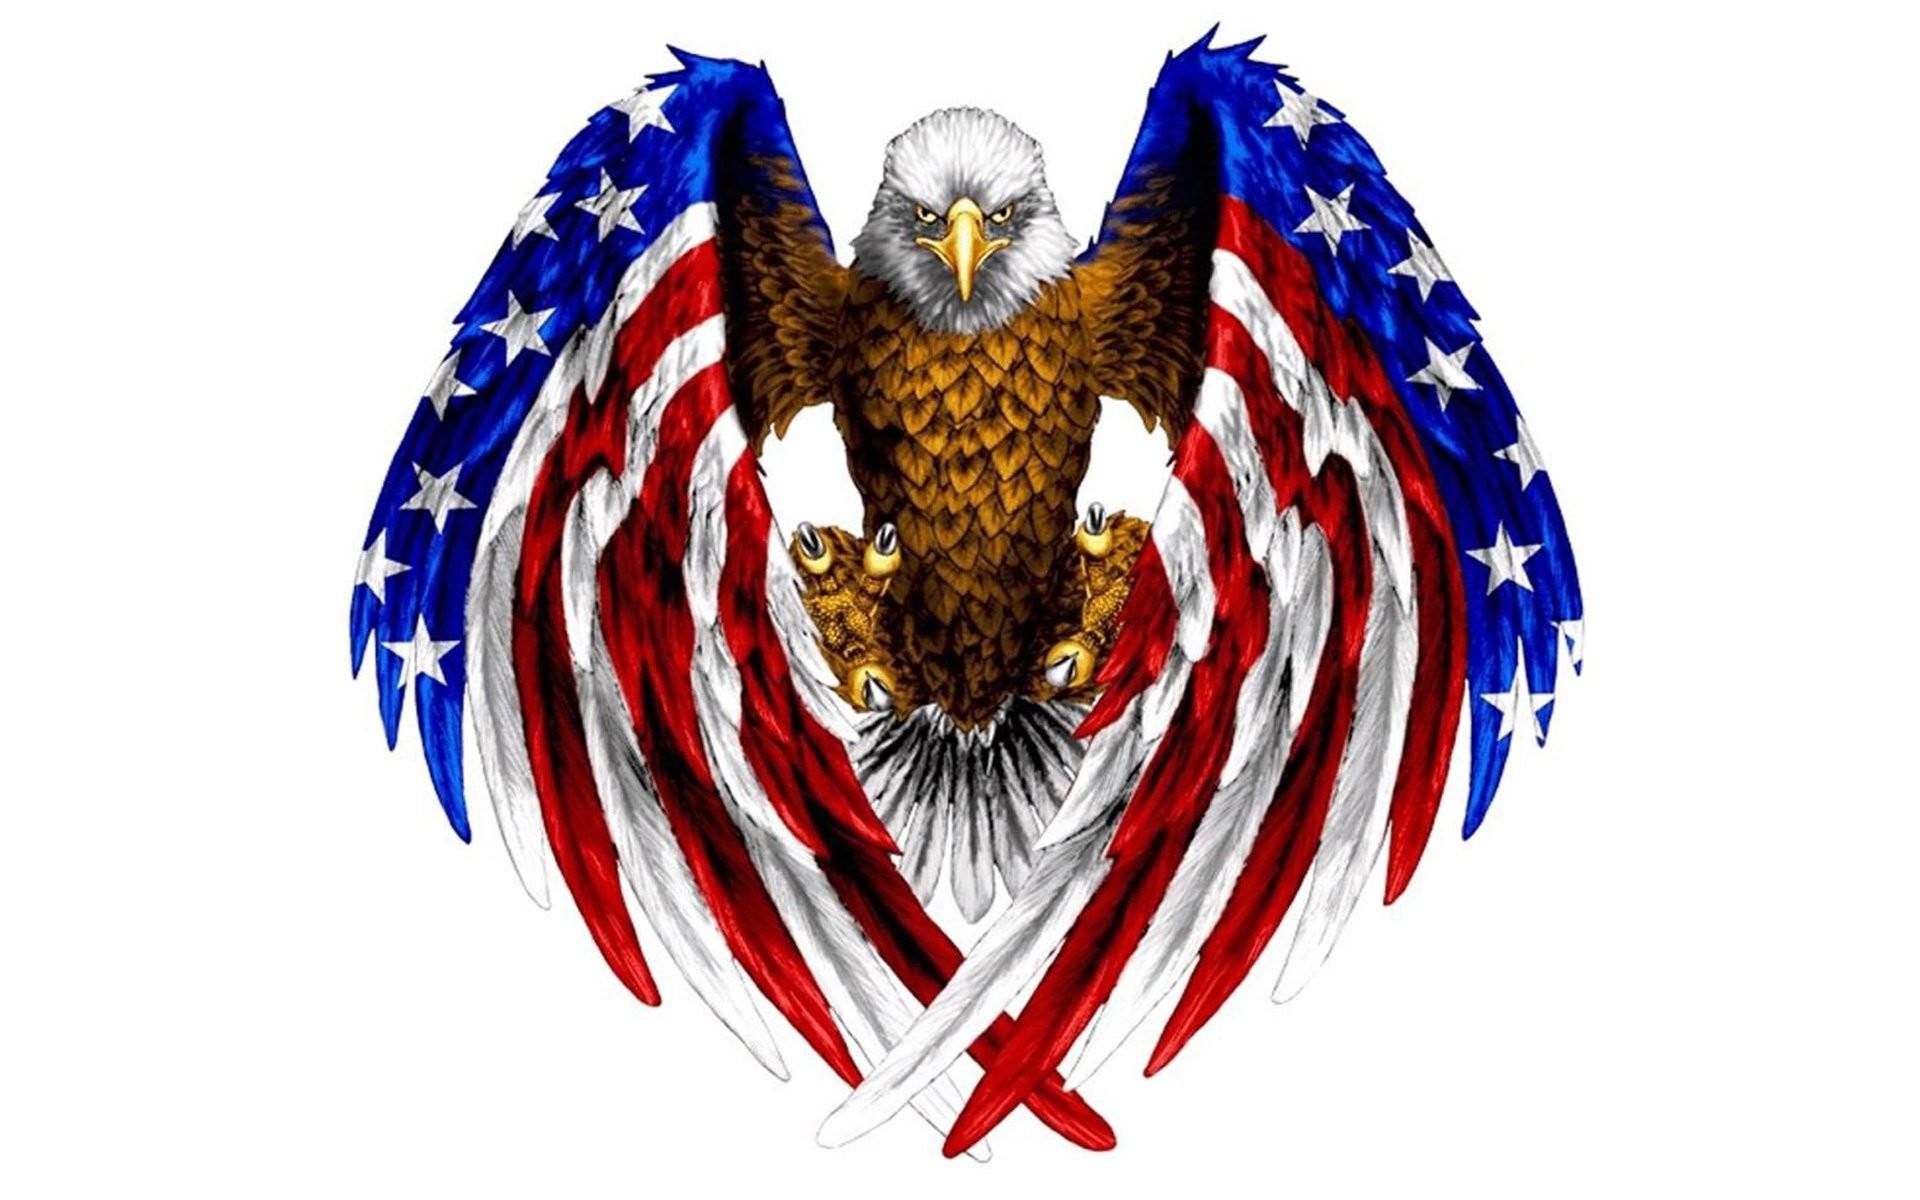 Animal – Bald Eagle Artistic Wings Eagle Flag American Flag Wallpaper